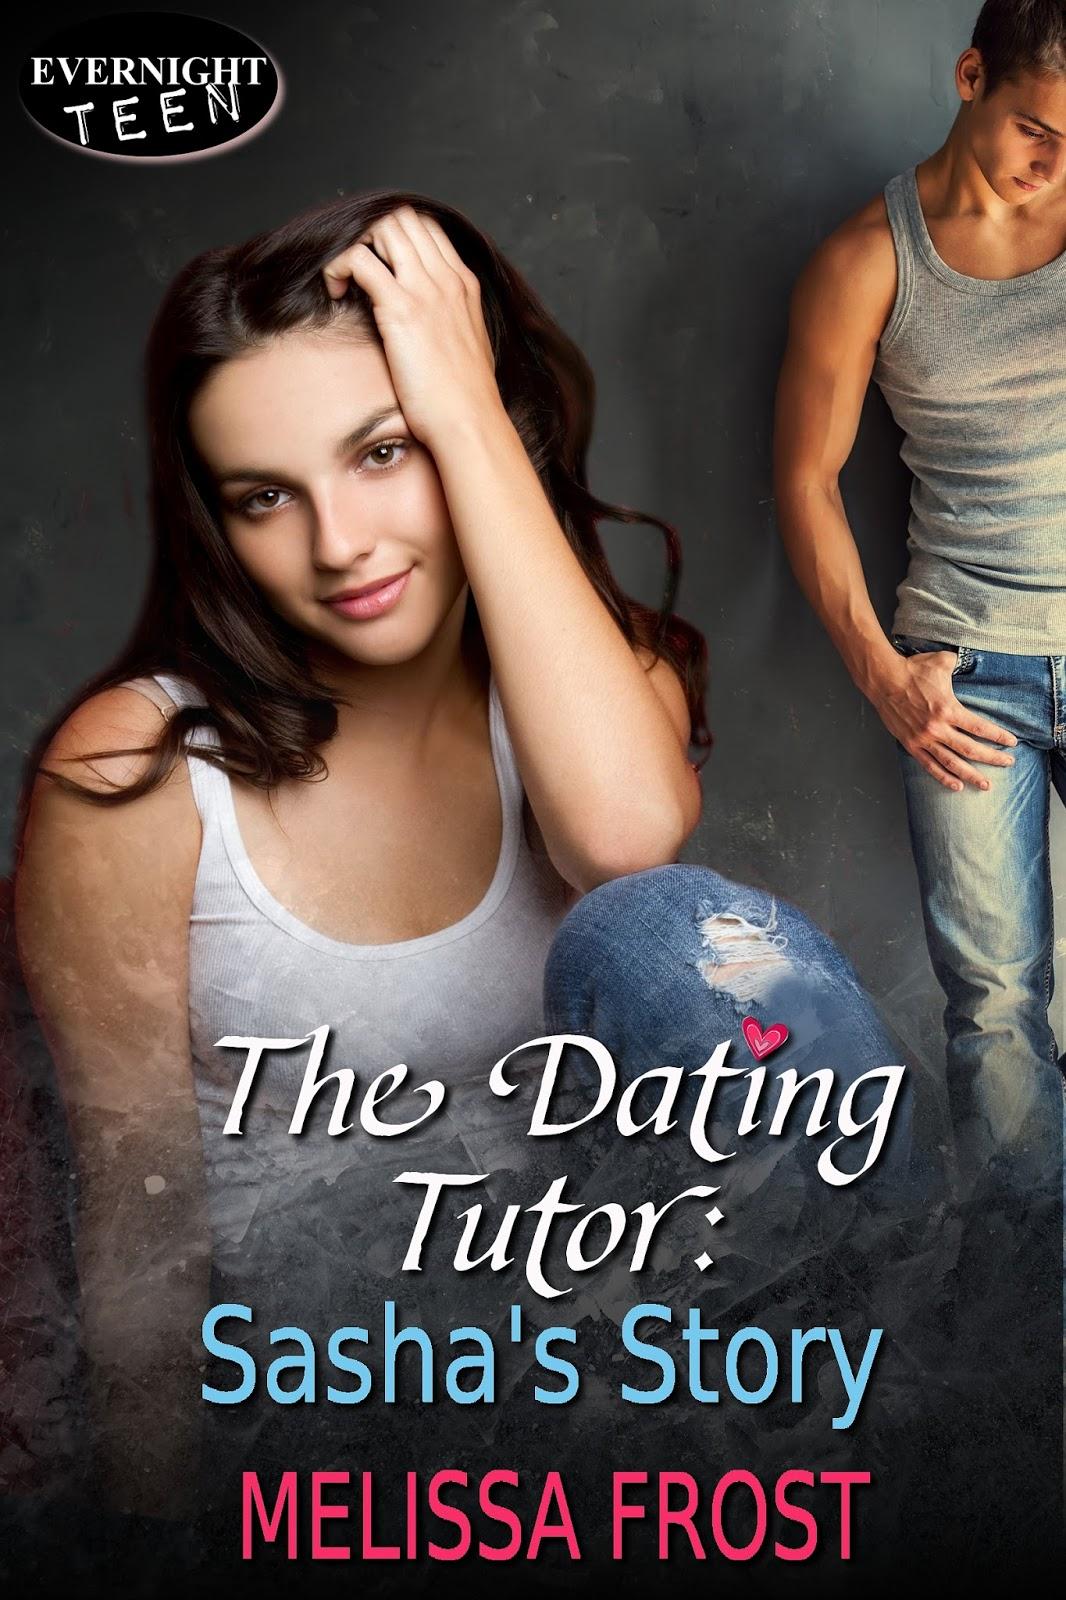 Funny opening online dating lijnen